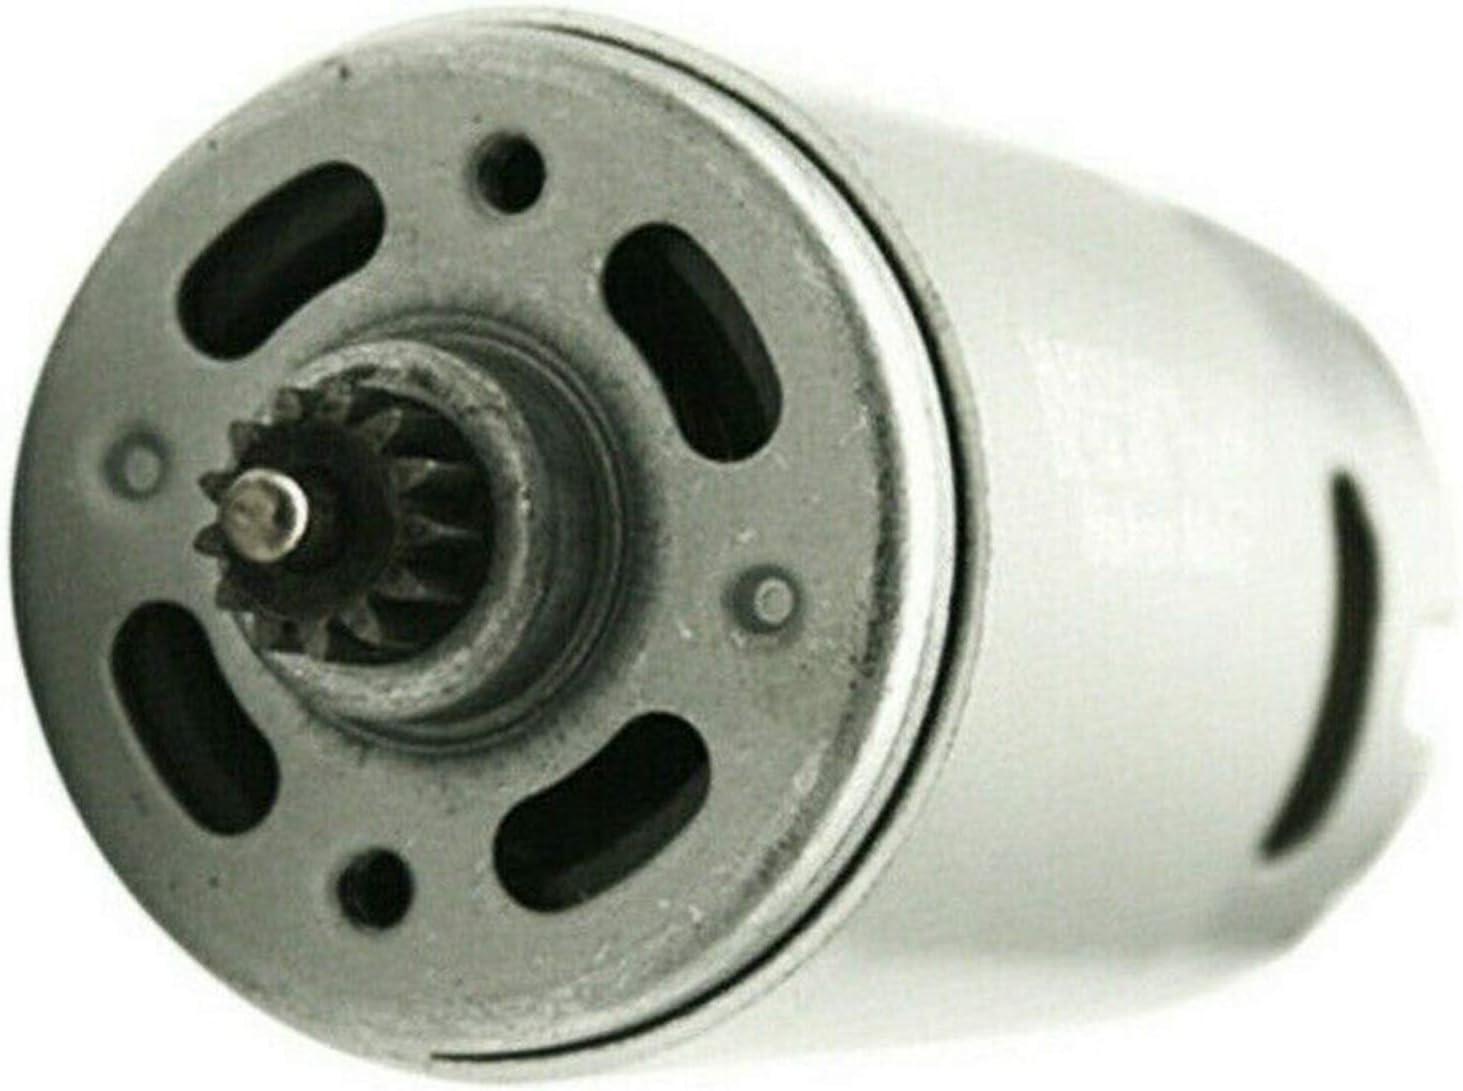 ACAMPTAR Moteur /à Courant Continu 1607022649 HC683LG GSR14.4-2-LI ONPO 13 Dents pour Pi/èCes de Rechange pour Entretien de Perceuse /éLectrique DC14.4V 3601JB7480